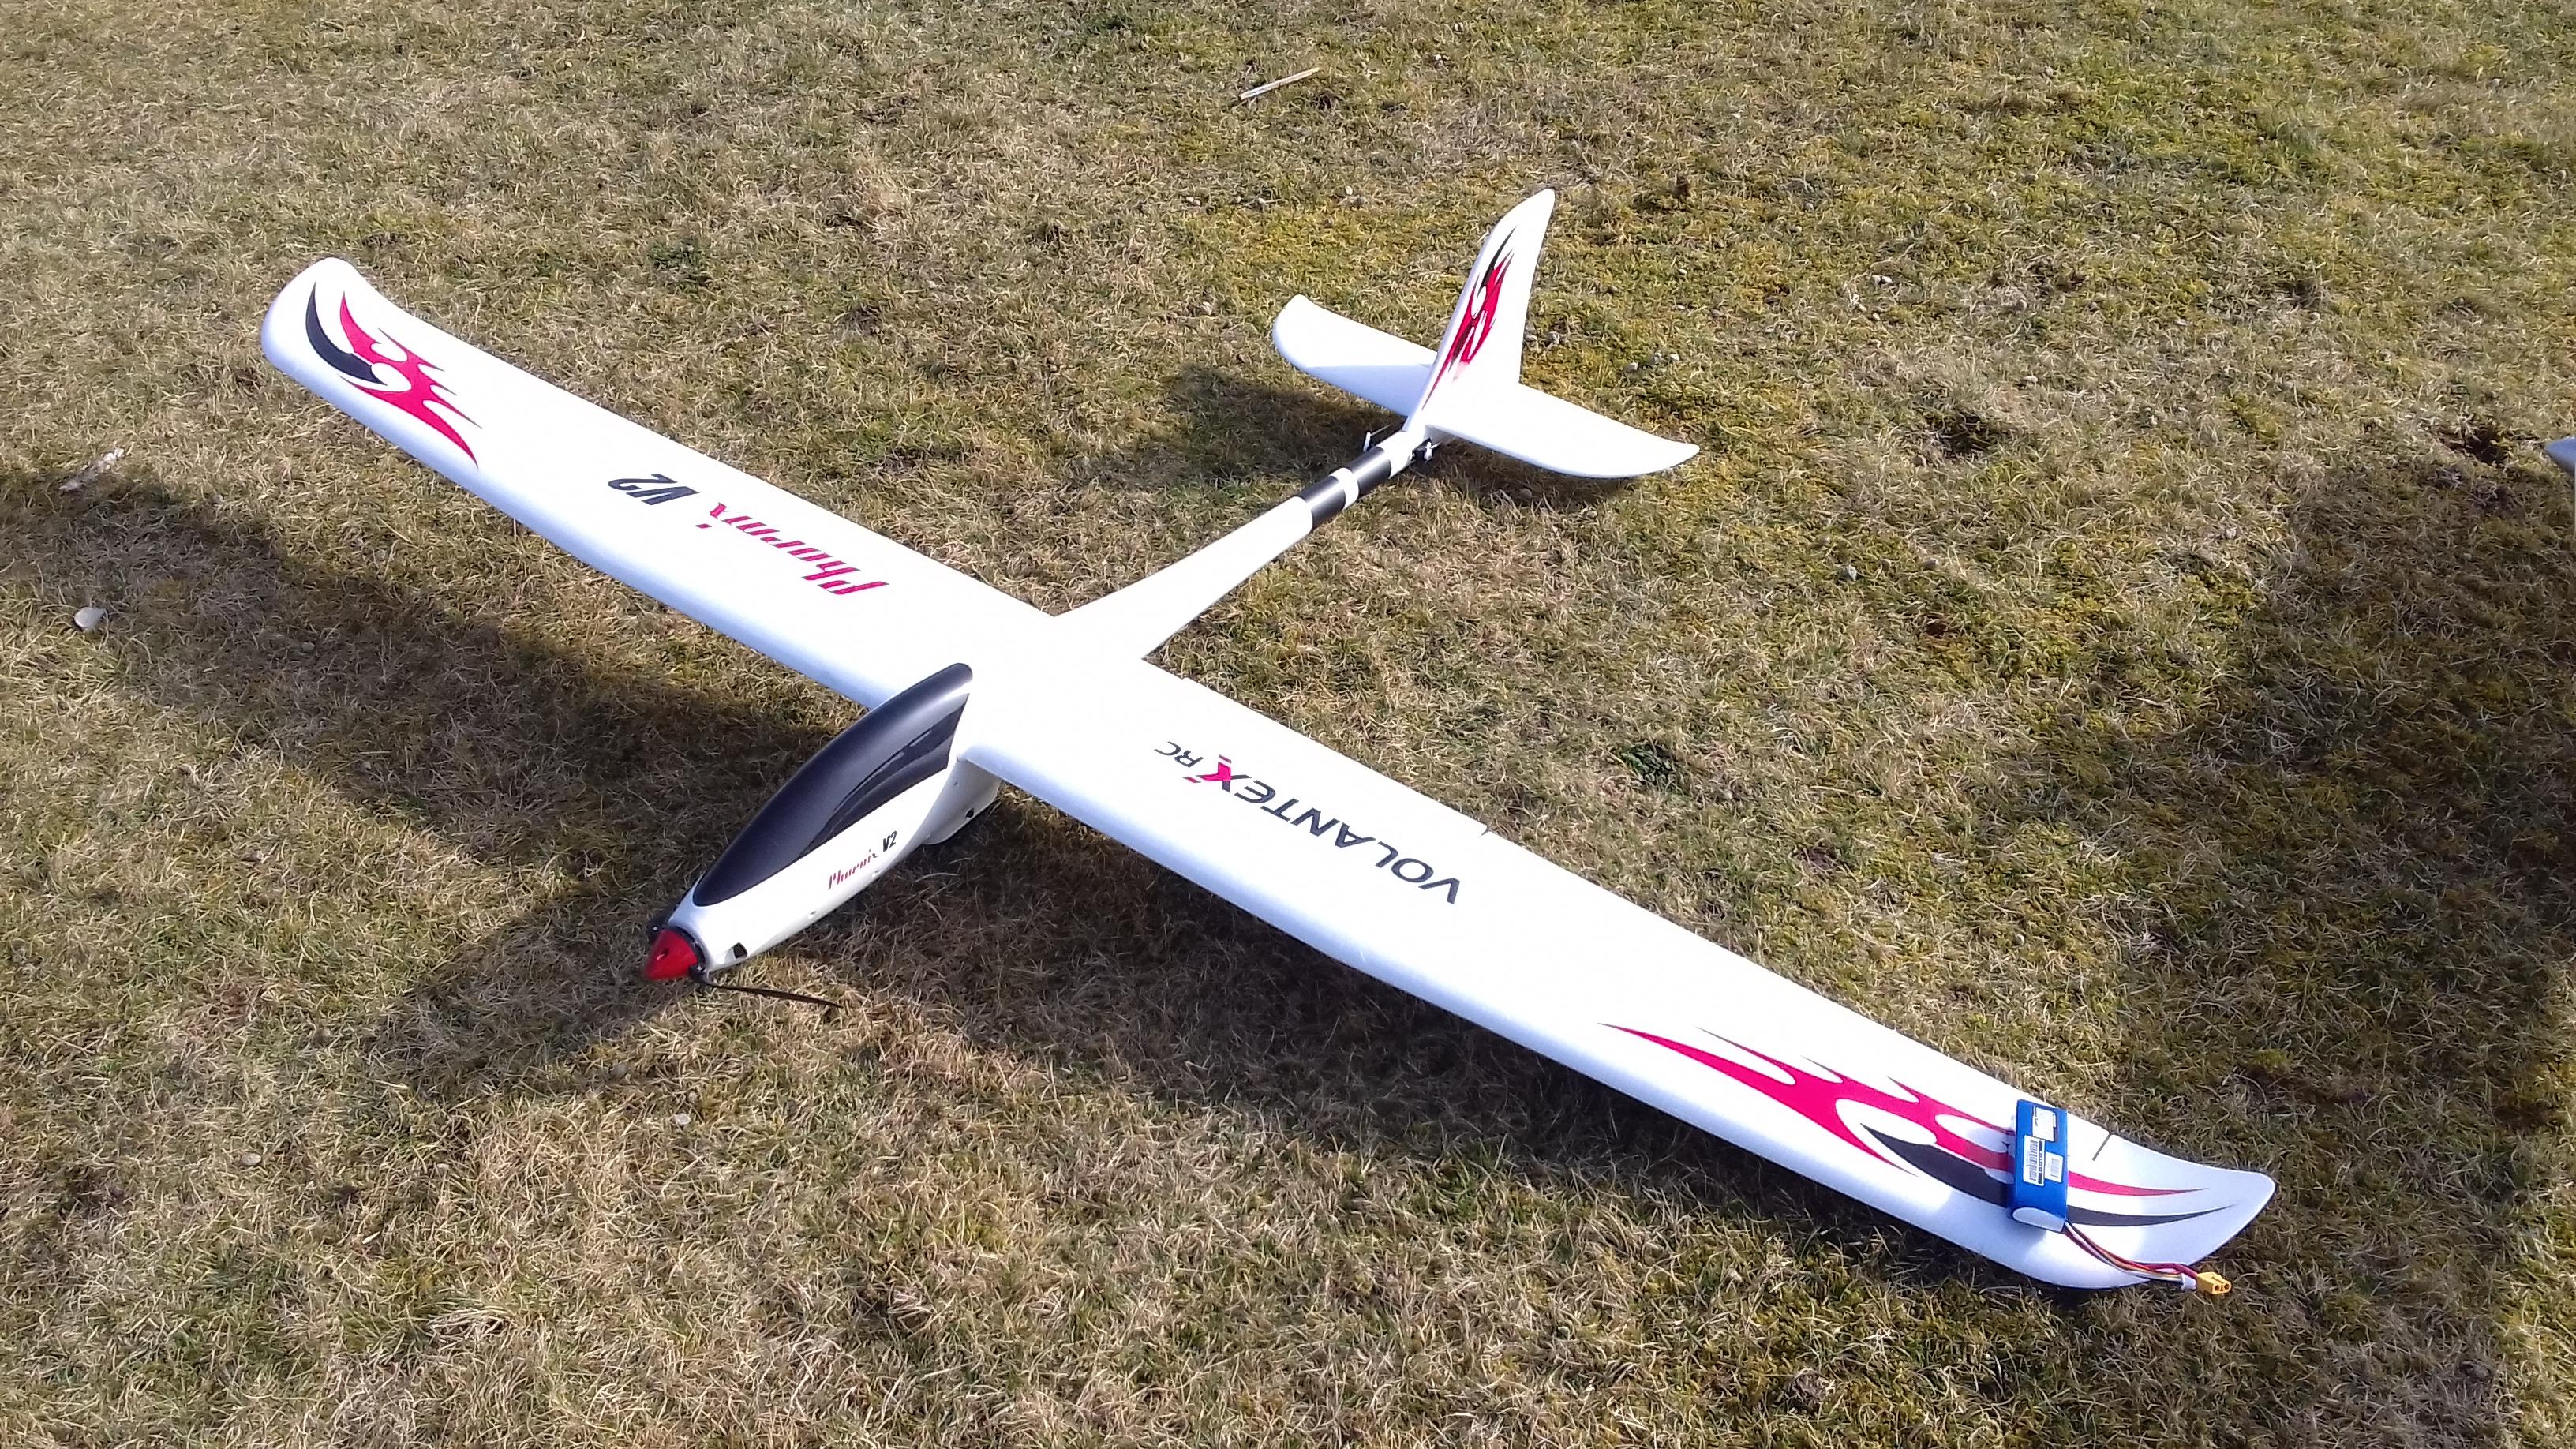 Phoenix V2 EPO Composite RC Glider 2000mm (78 7